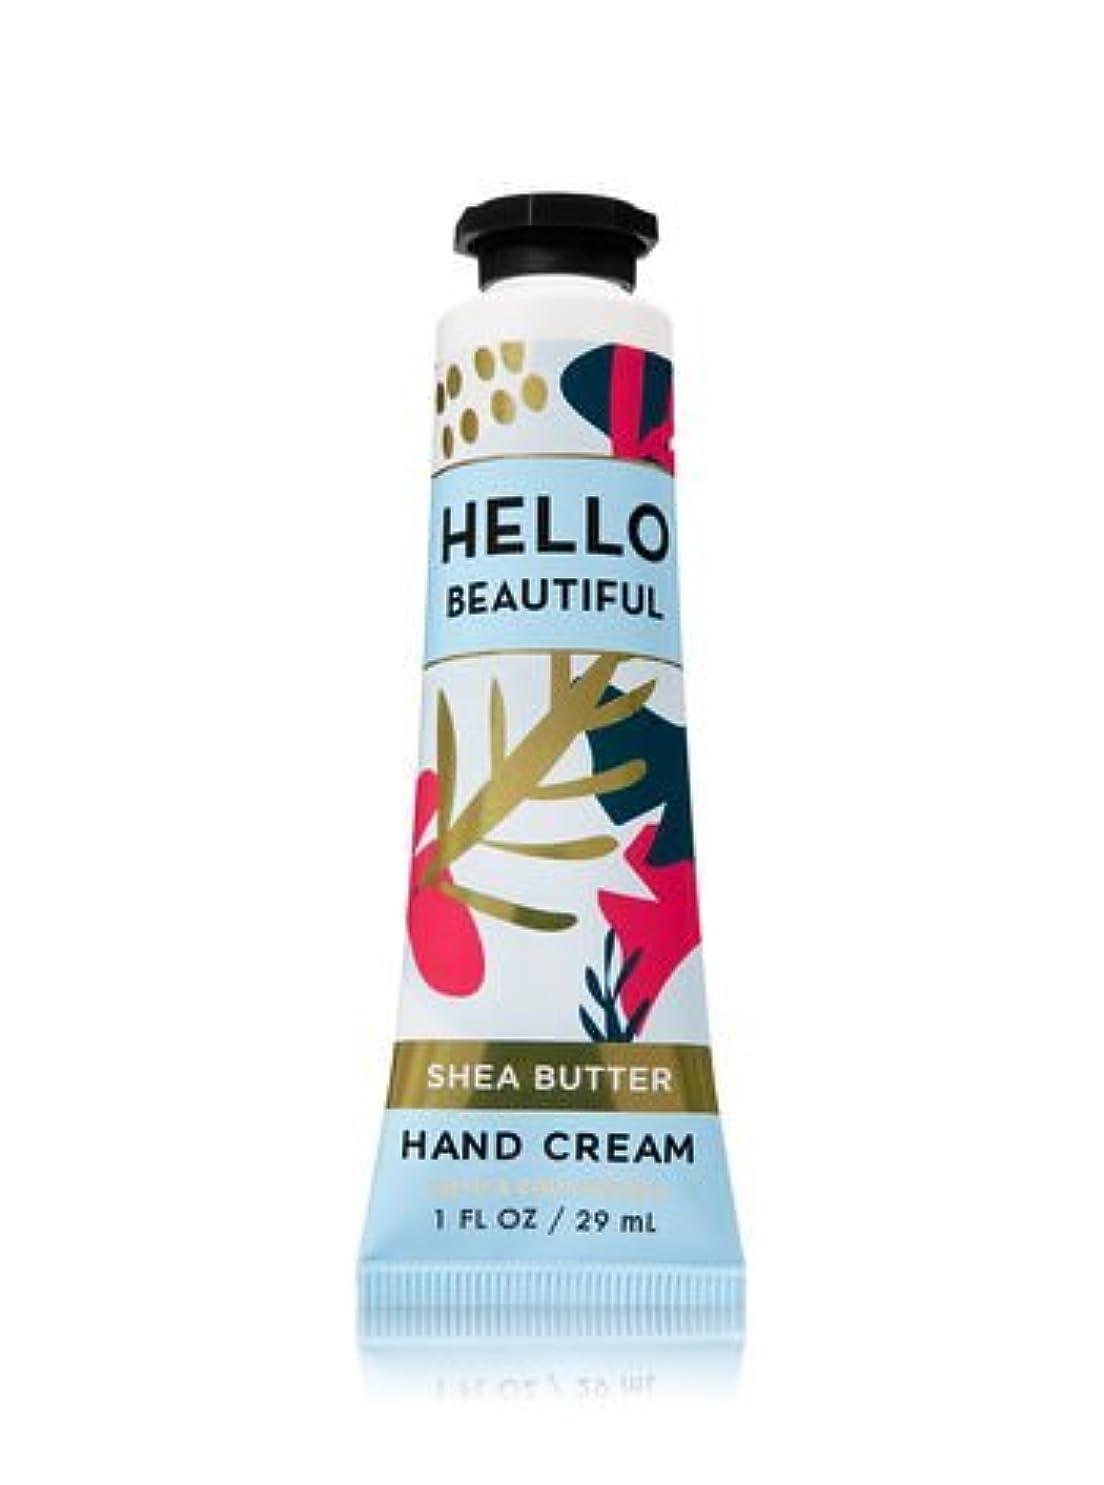 哲学博士植物学者印象的な【Bath&Body Works/バス&ボディワークス】 シアバター ハンドクリーム ハロービューティフル Shea Butter Hand Cream Hello Beautiful 1 fl oz / 29 mL [...